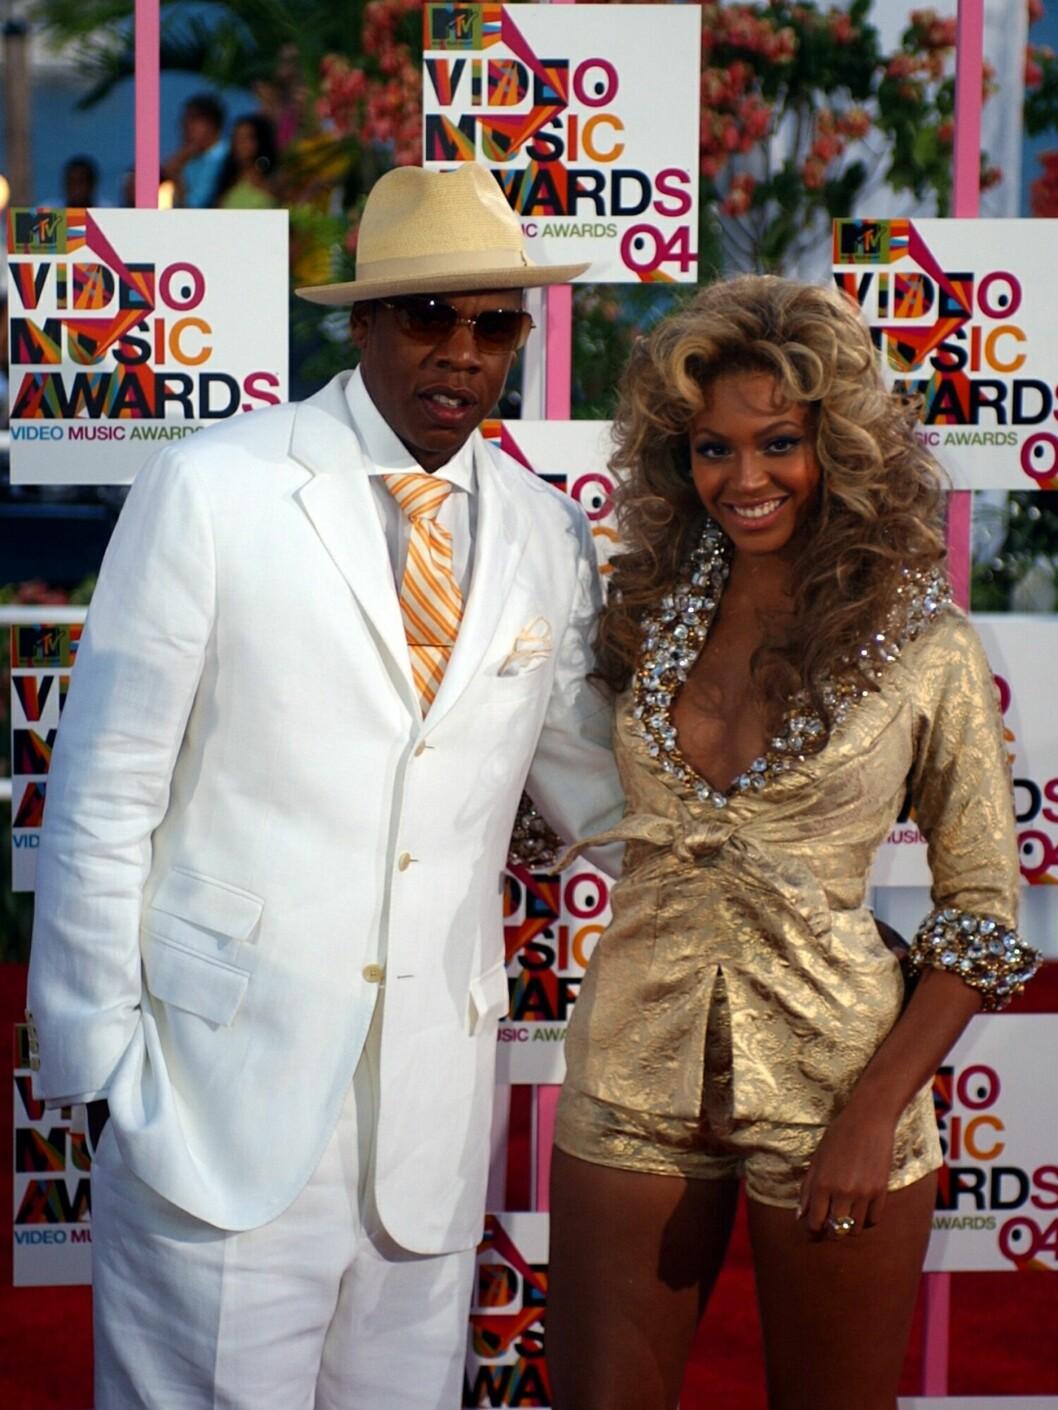 SAMMEN I TYKT OG TYNT: Stjerneparet Jay Z og Beyoncé har vært sammen i godt over ti år. Her er duoen på MTV Video Music Awards i Miami i august 2004.  Foto: Ap